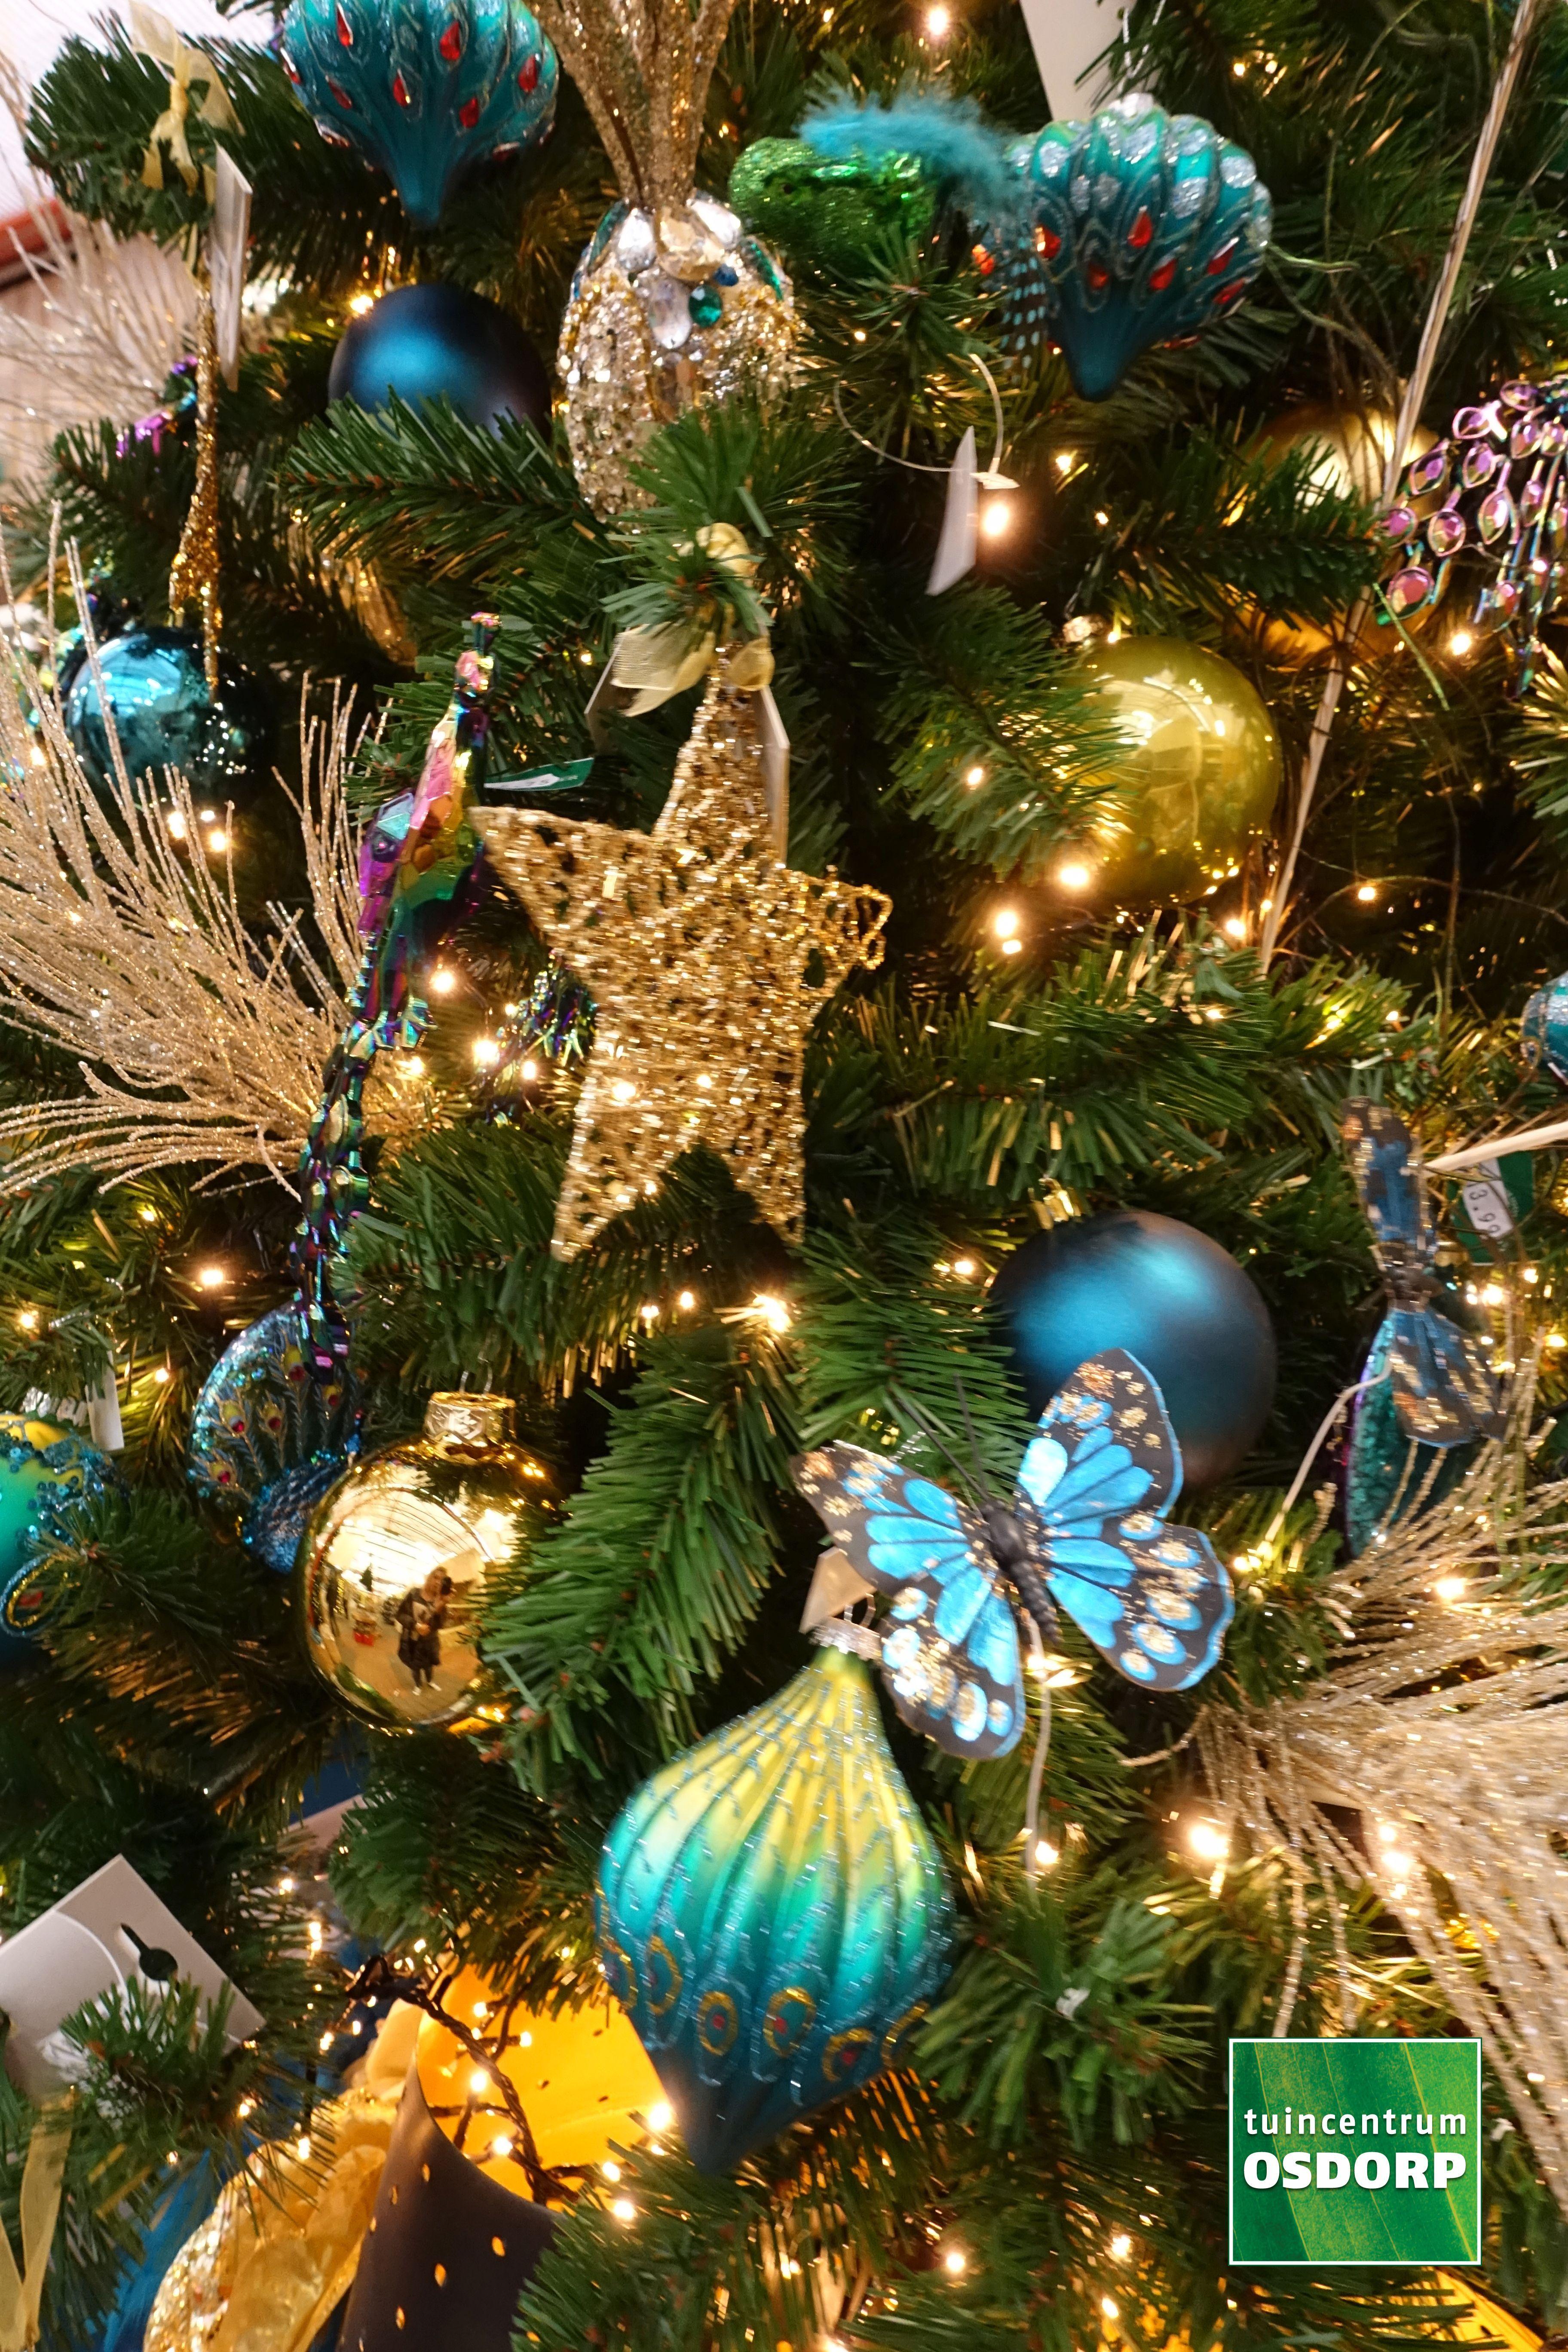 Kerst Inspiratie Bij De Kerstshow Van Tuincentrum Osdorp Kerstboom Versiering In De Kleuren Goud Suede Choco Kerstboom Versieringen Kerst Ornament Kerstboom